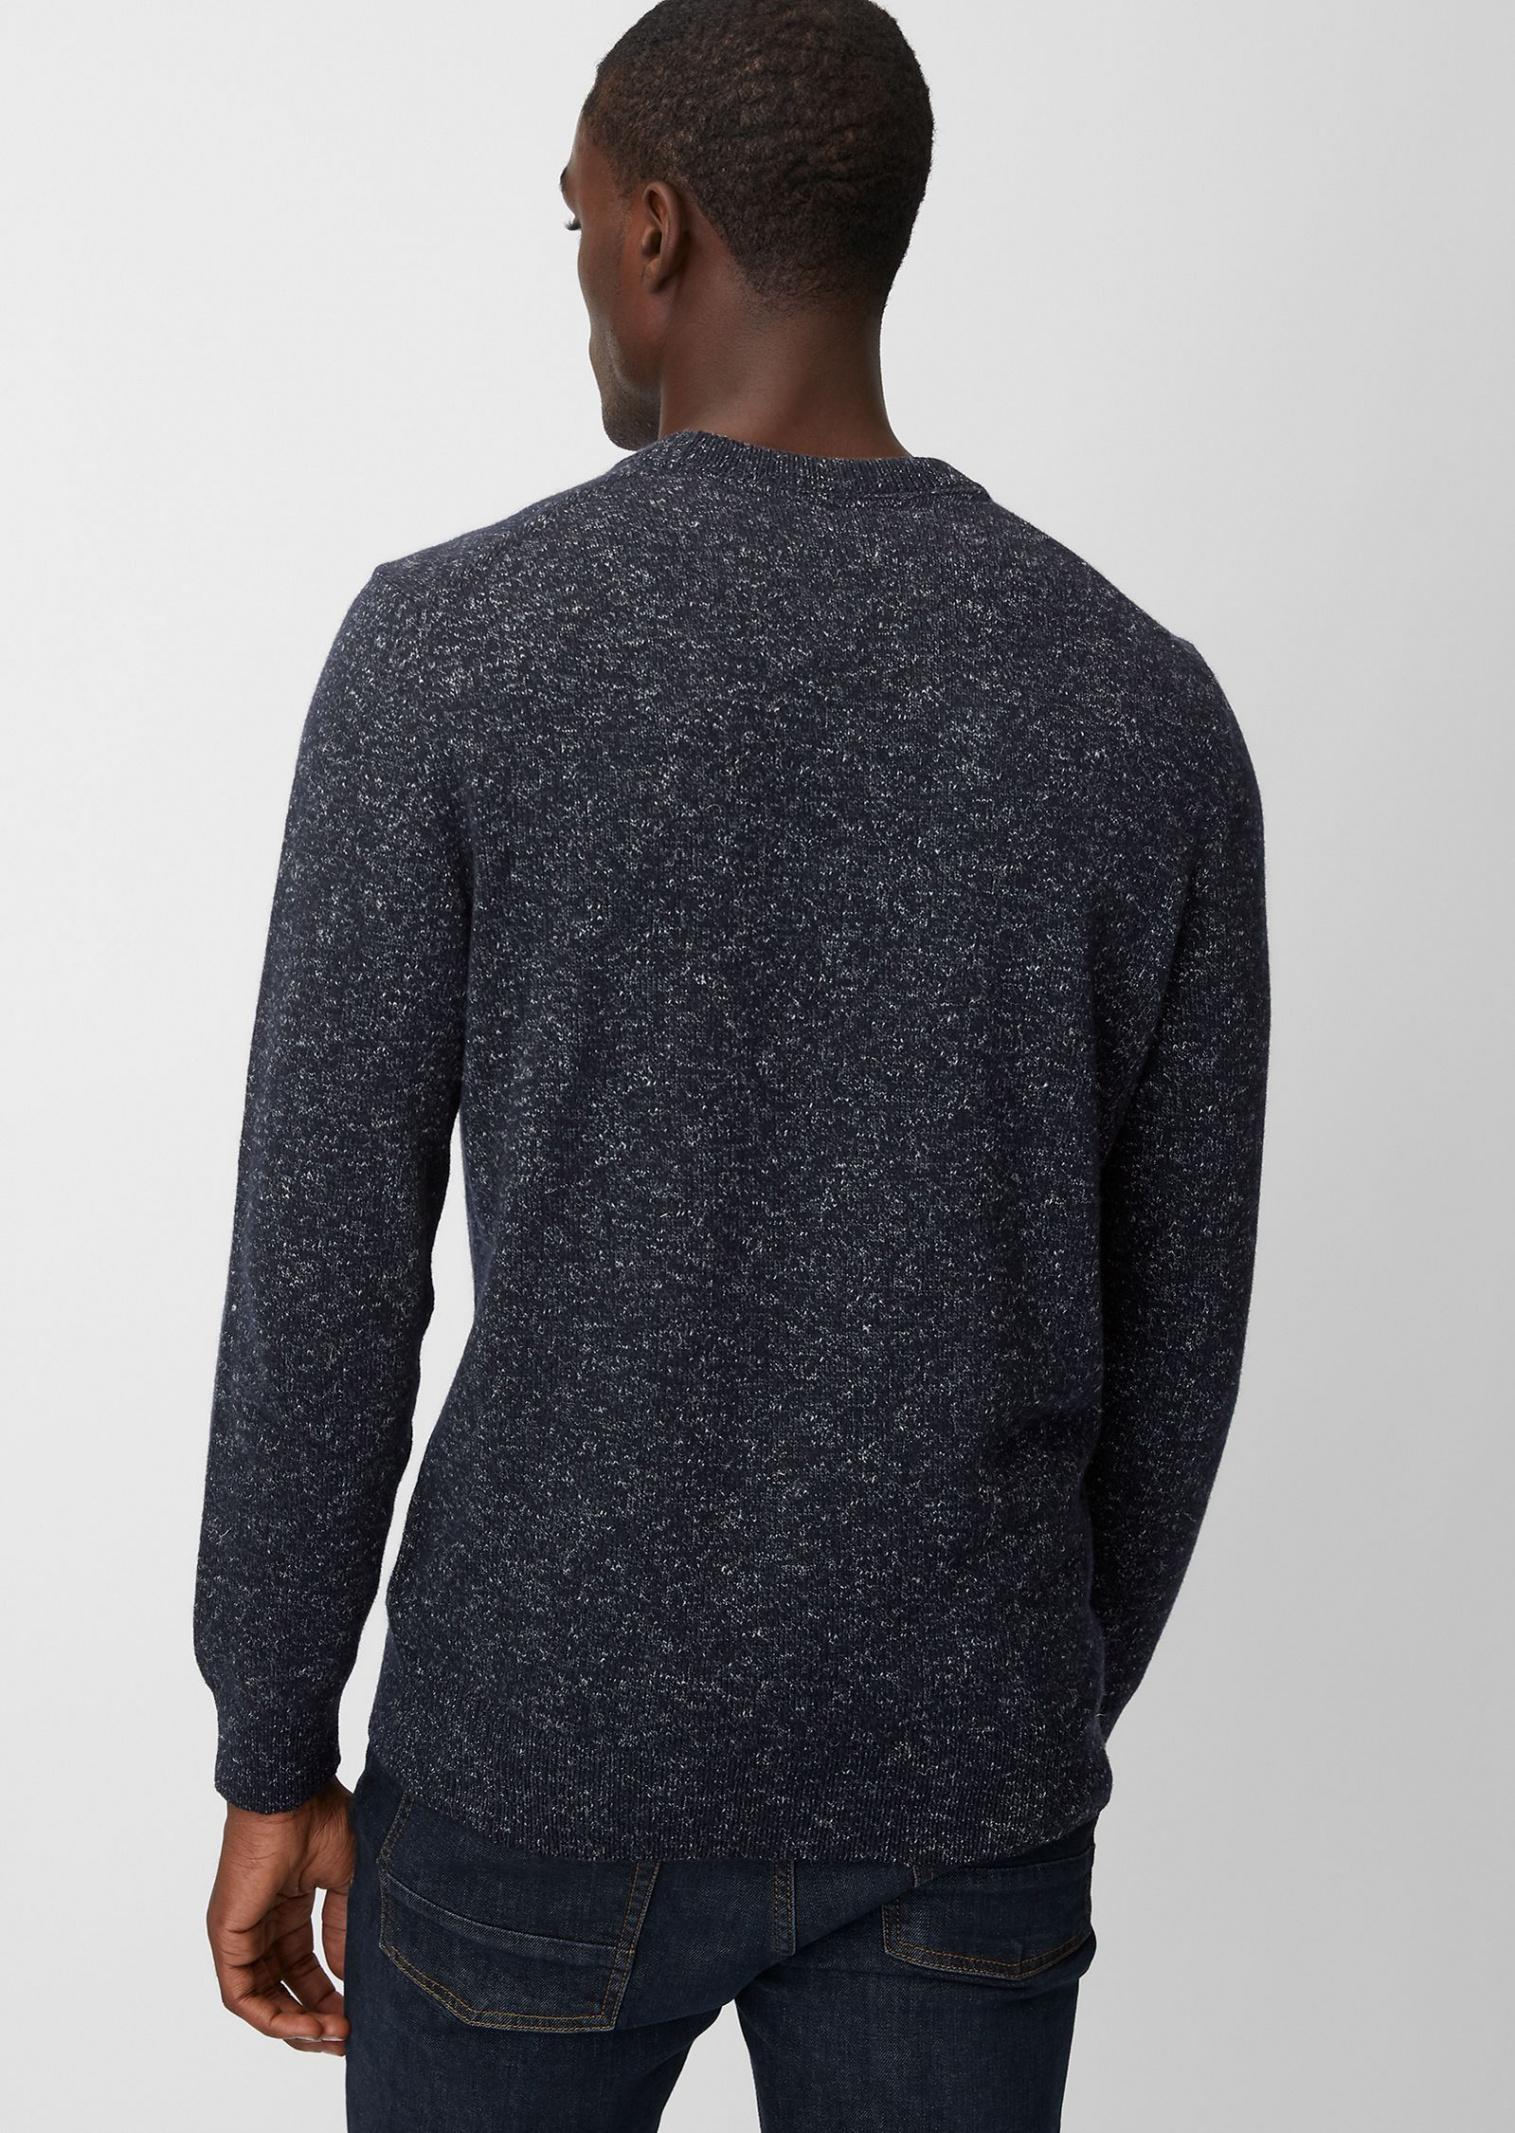 MARC O`POLO Кофти та светри чоловічі модель 930620960194-896 ціна, 2017